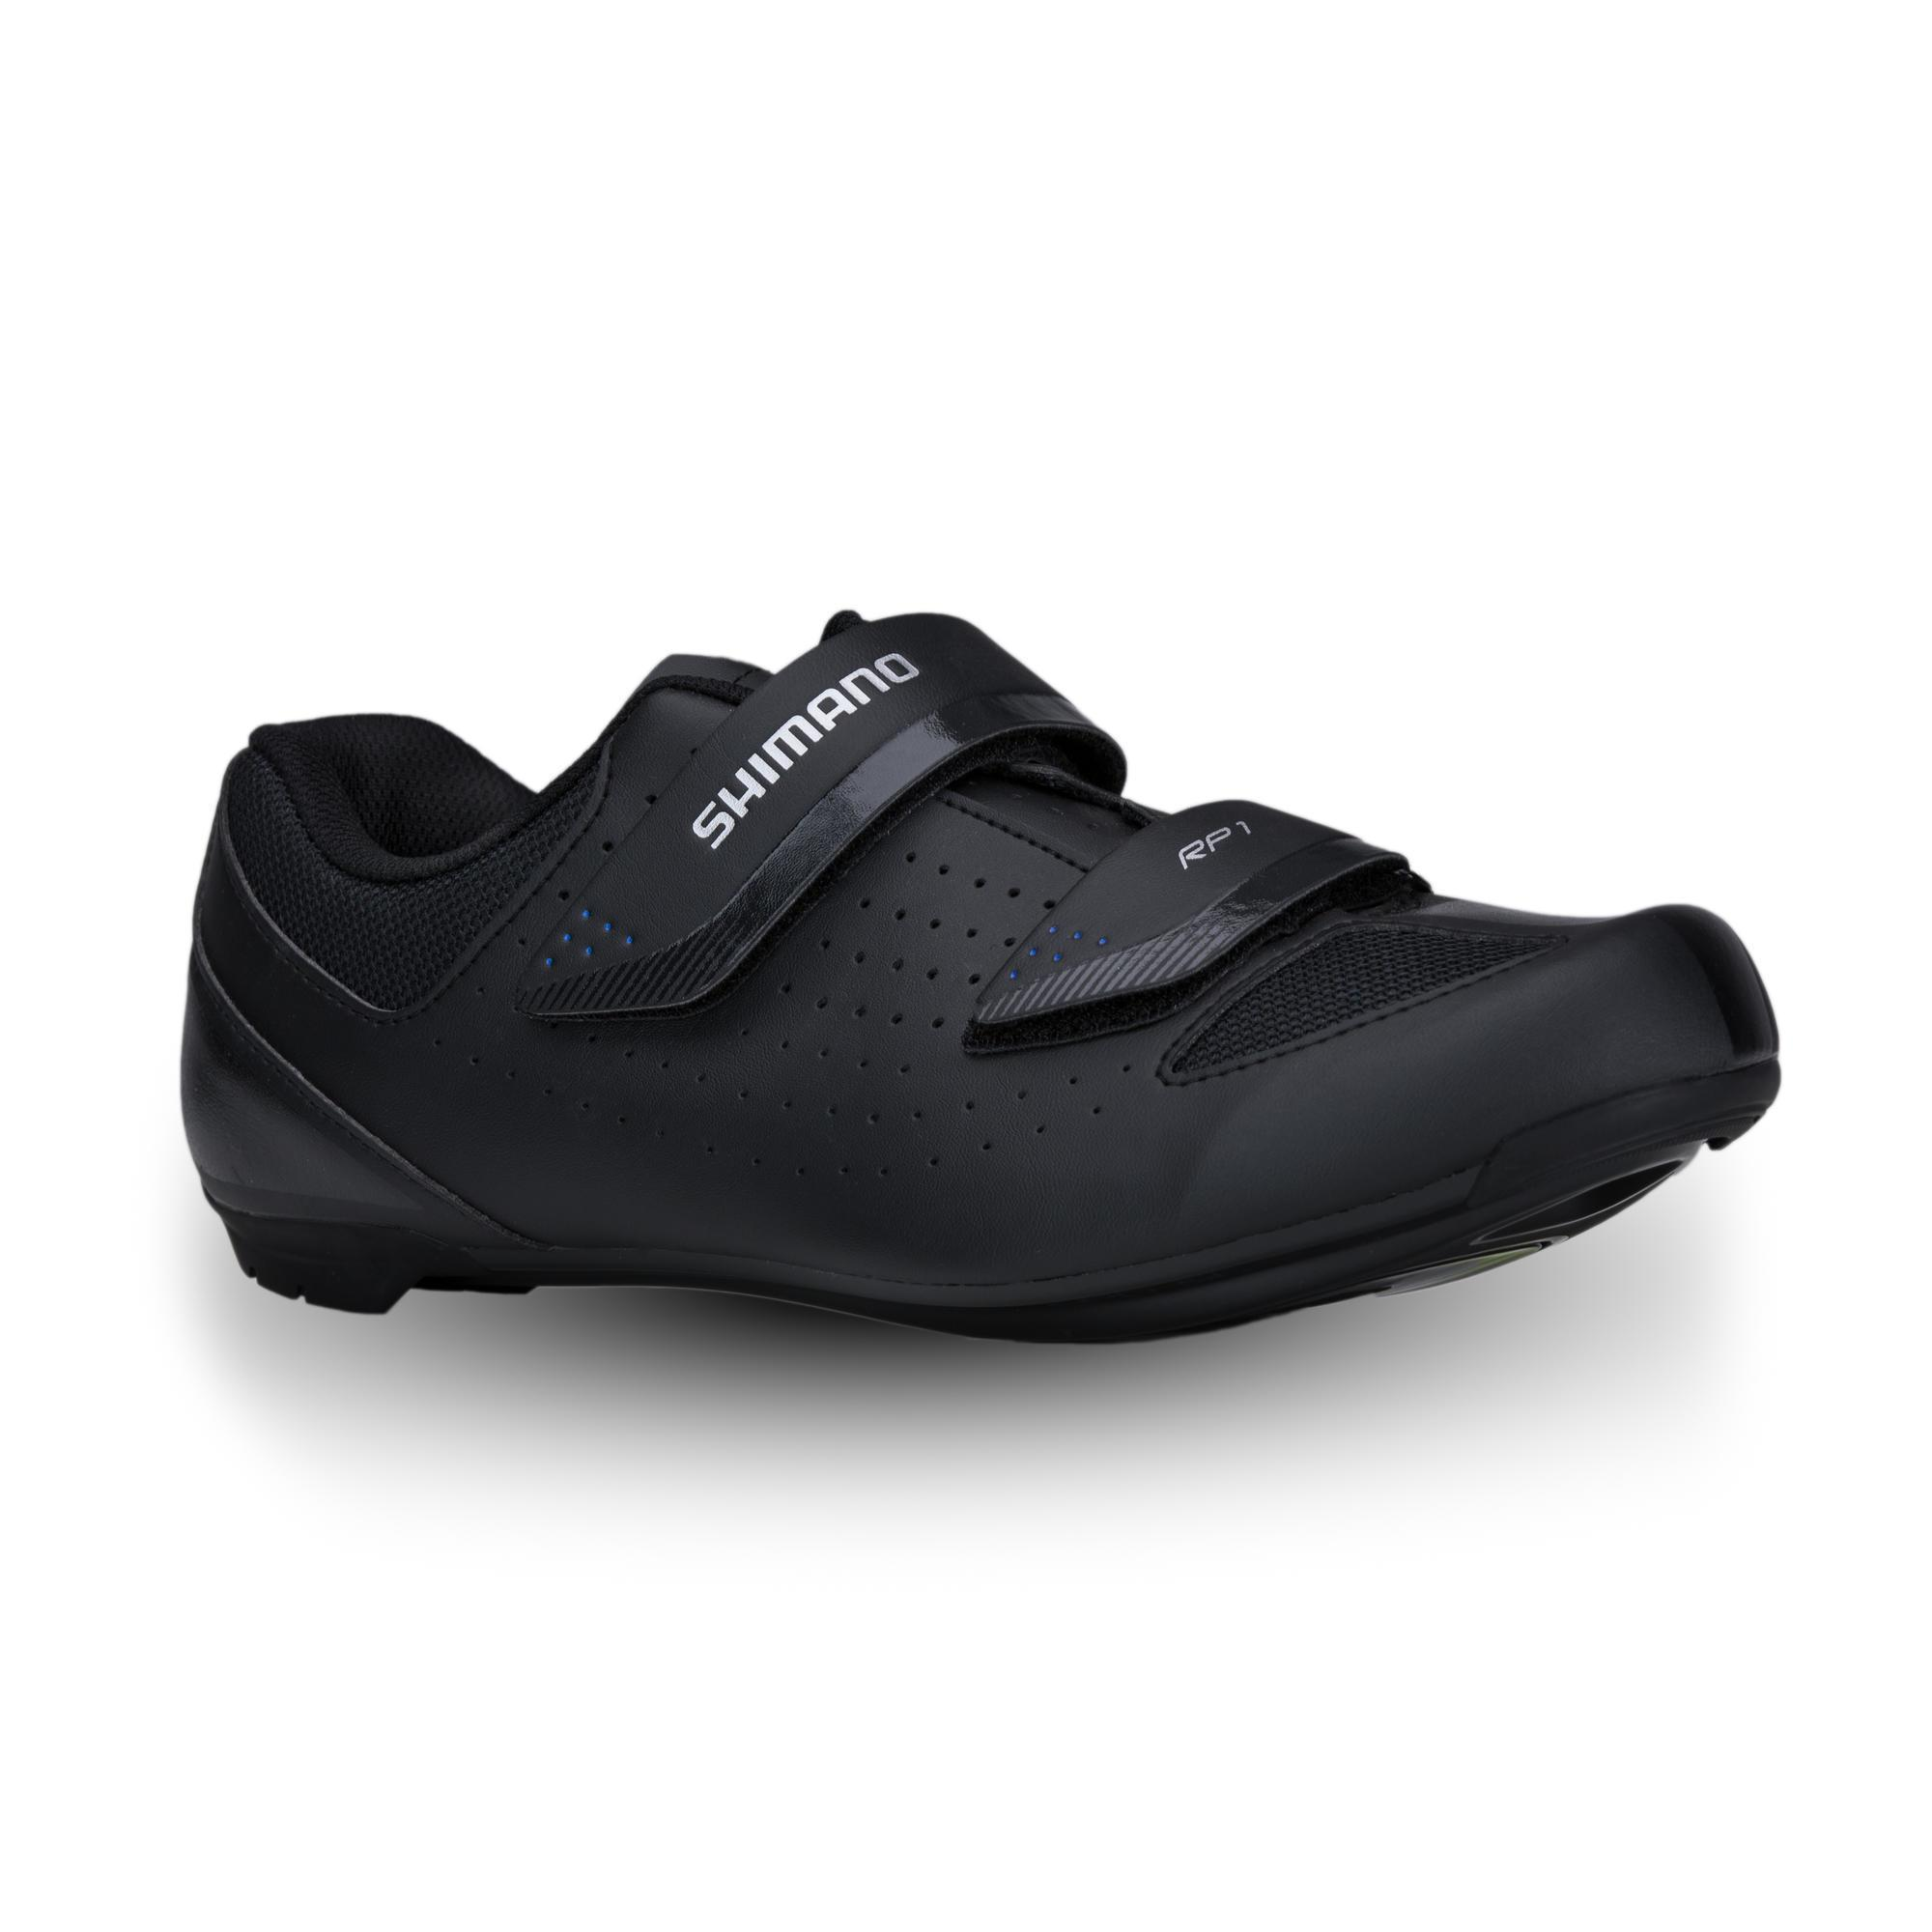 Rennradschuhe Shimano RP1 schwarz | Schuhe > Sportschuhe > Fahrradschuhe | Shimano